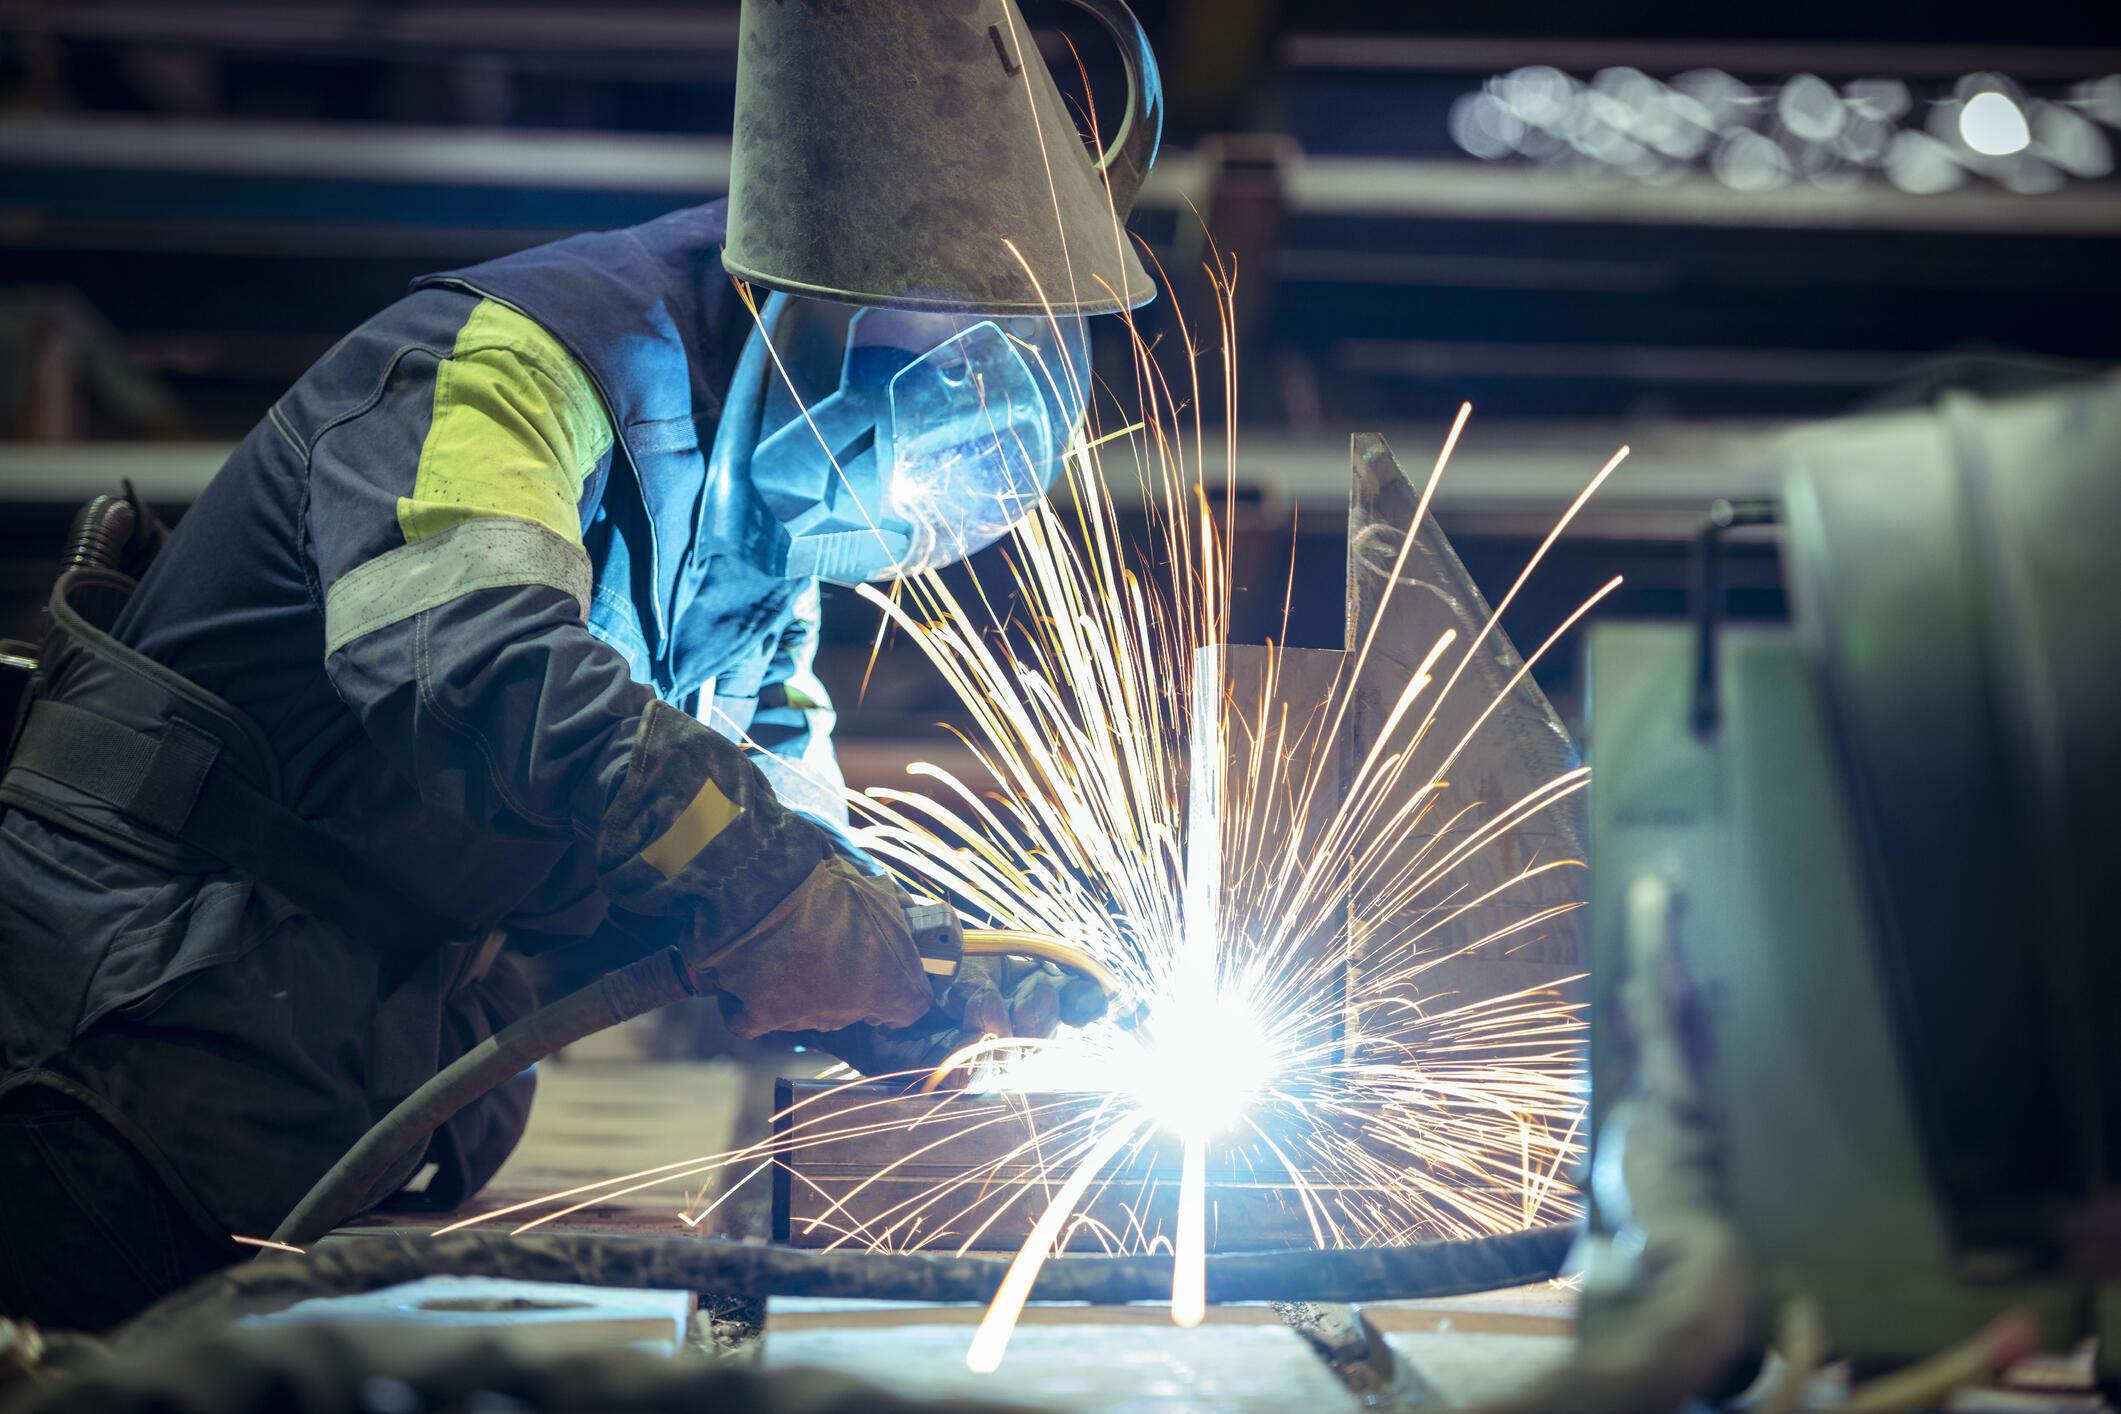 Les prix ont augmenté de manière inédite ces six derniers mois : 30 à 40% pour l'acier, ce qui a eu pour effet de noyer l'impact de ces taxes américaines.